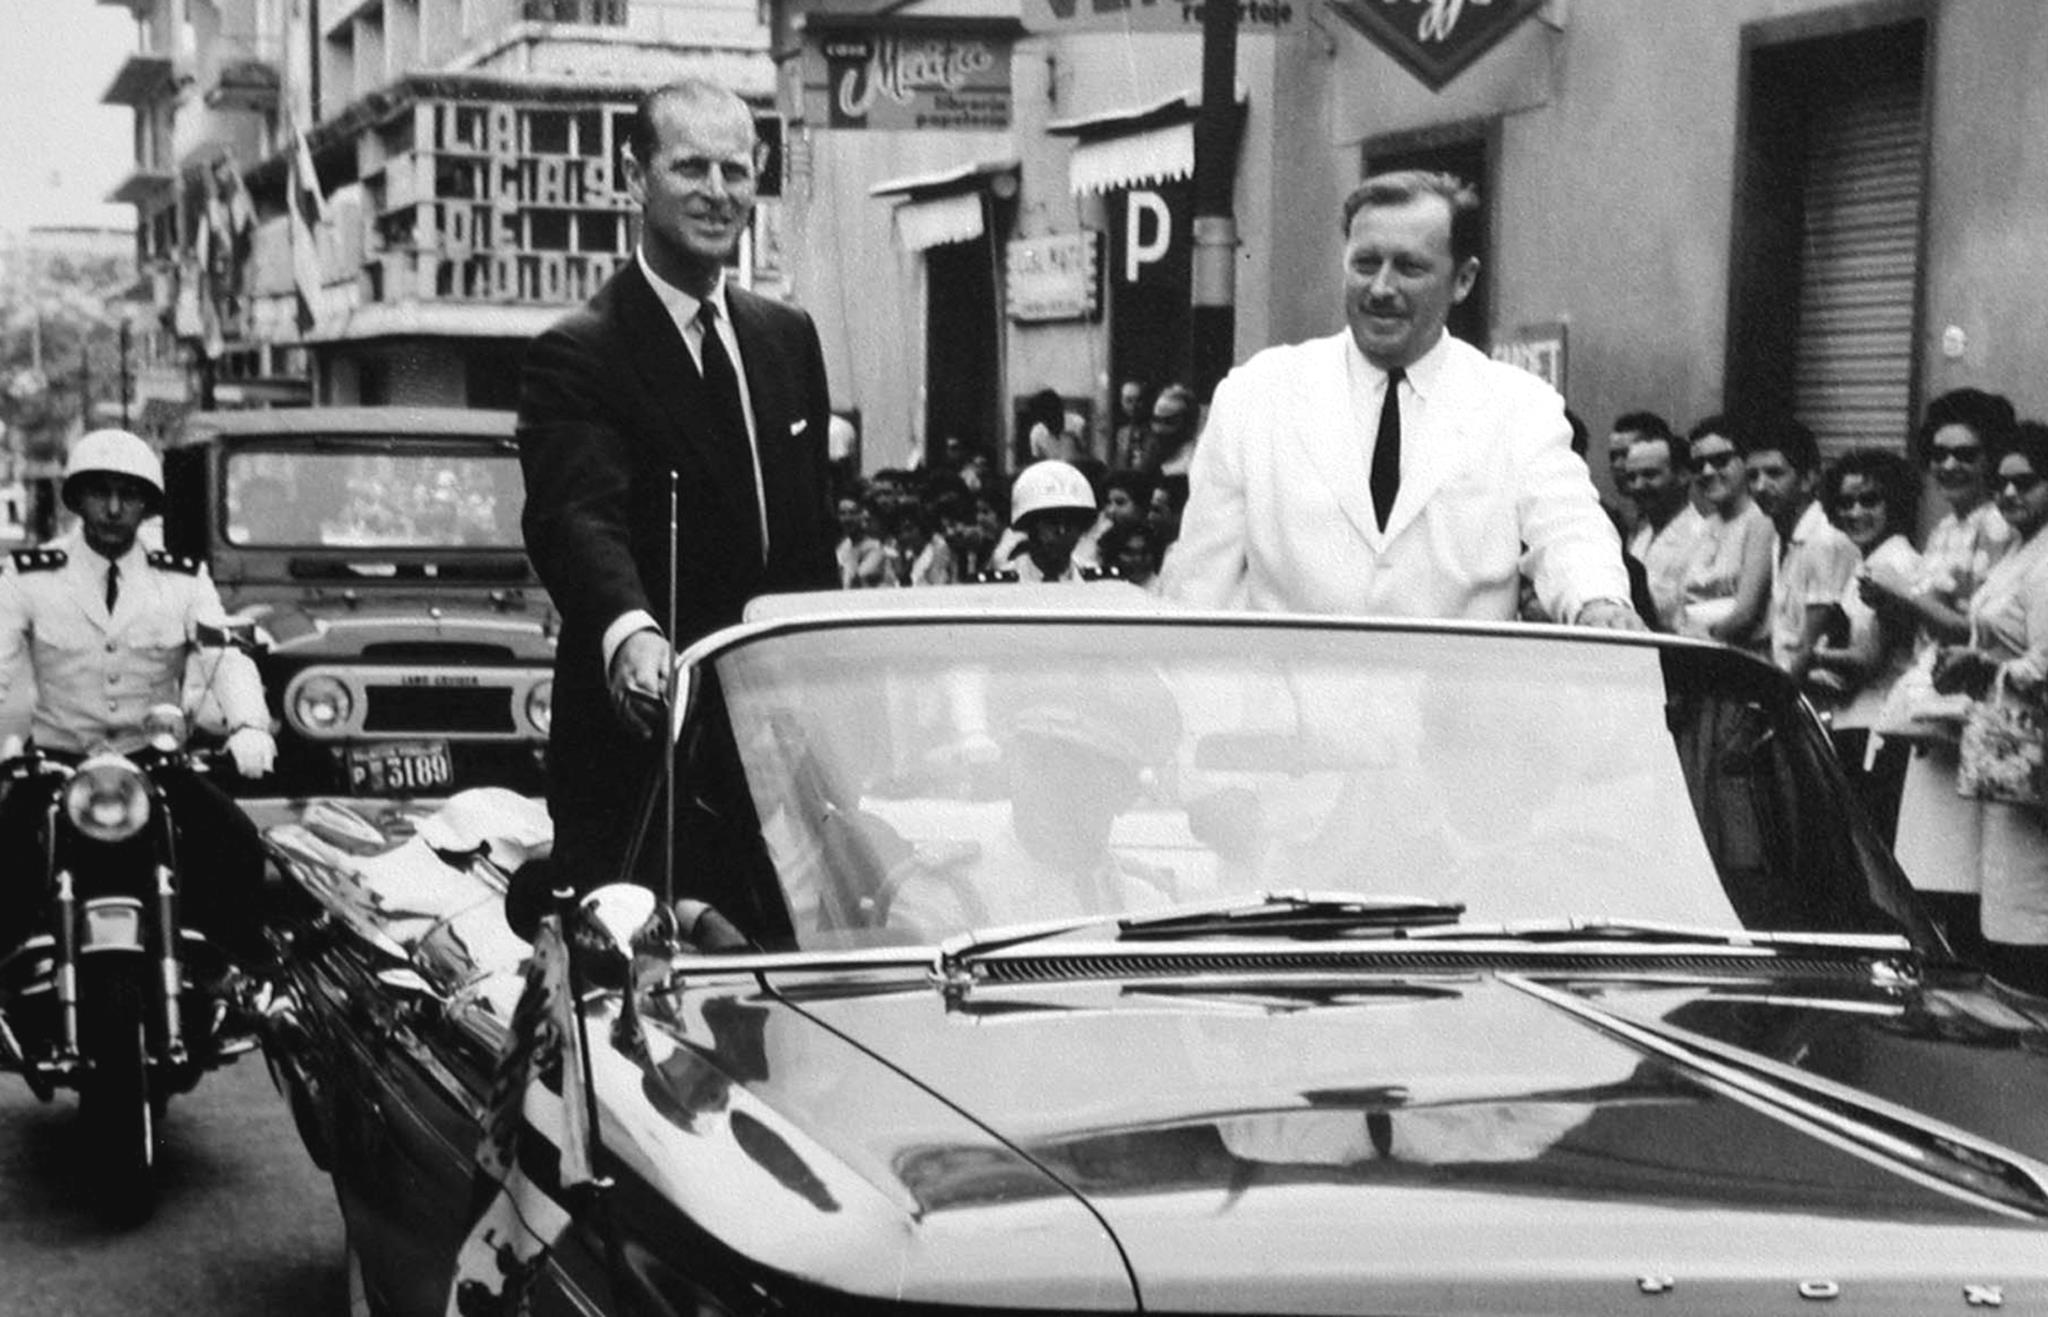 Em 1963, numa visita oficial ao Paraguai com o ditador Alfredo Stroessner